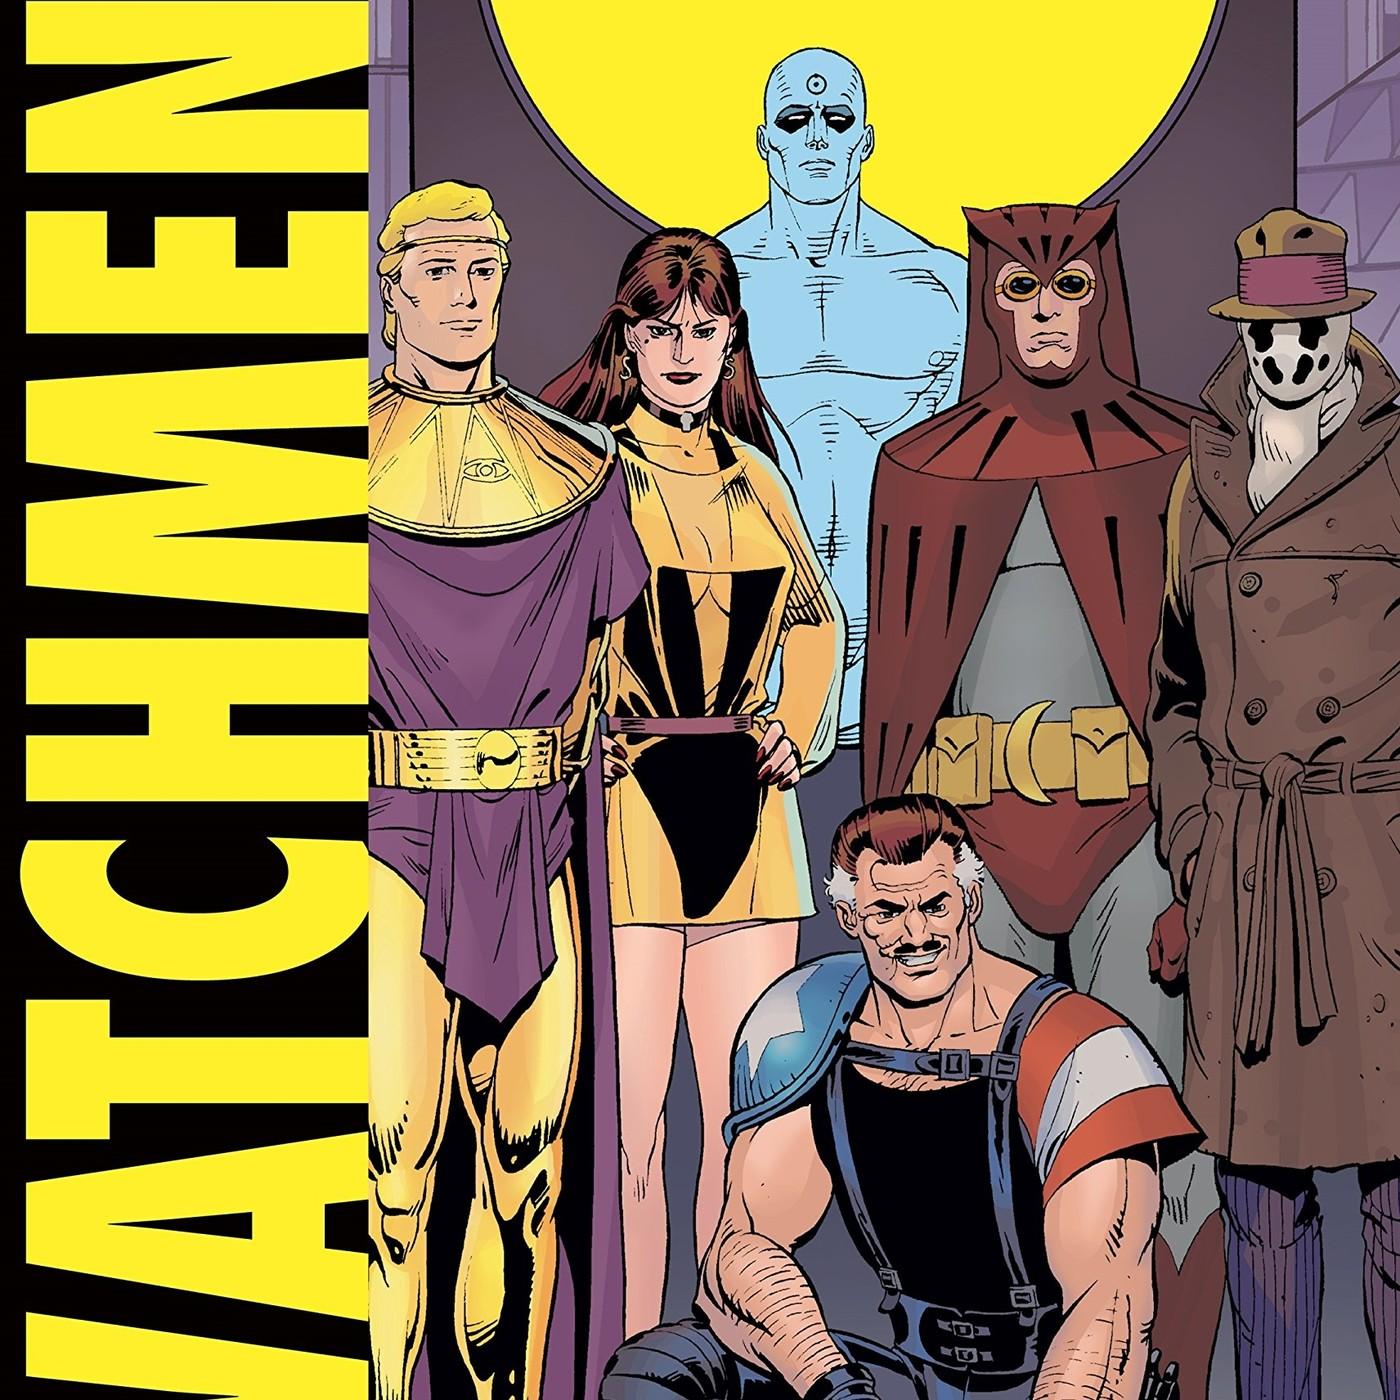 Episodio 2: Analizando el universo Watchmen